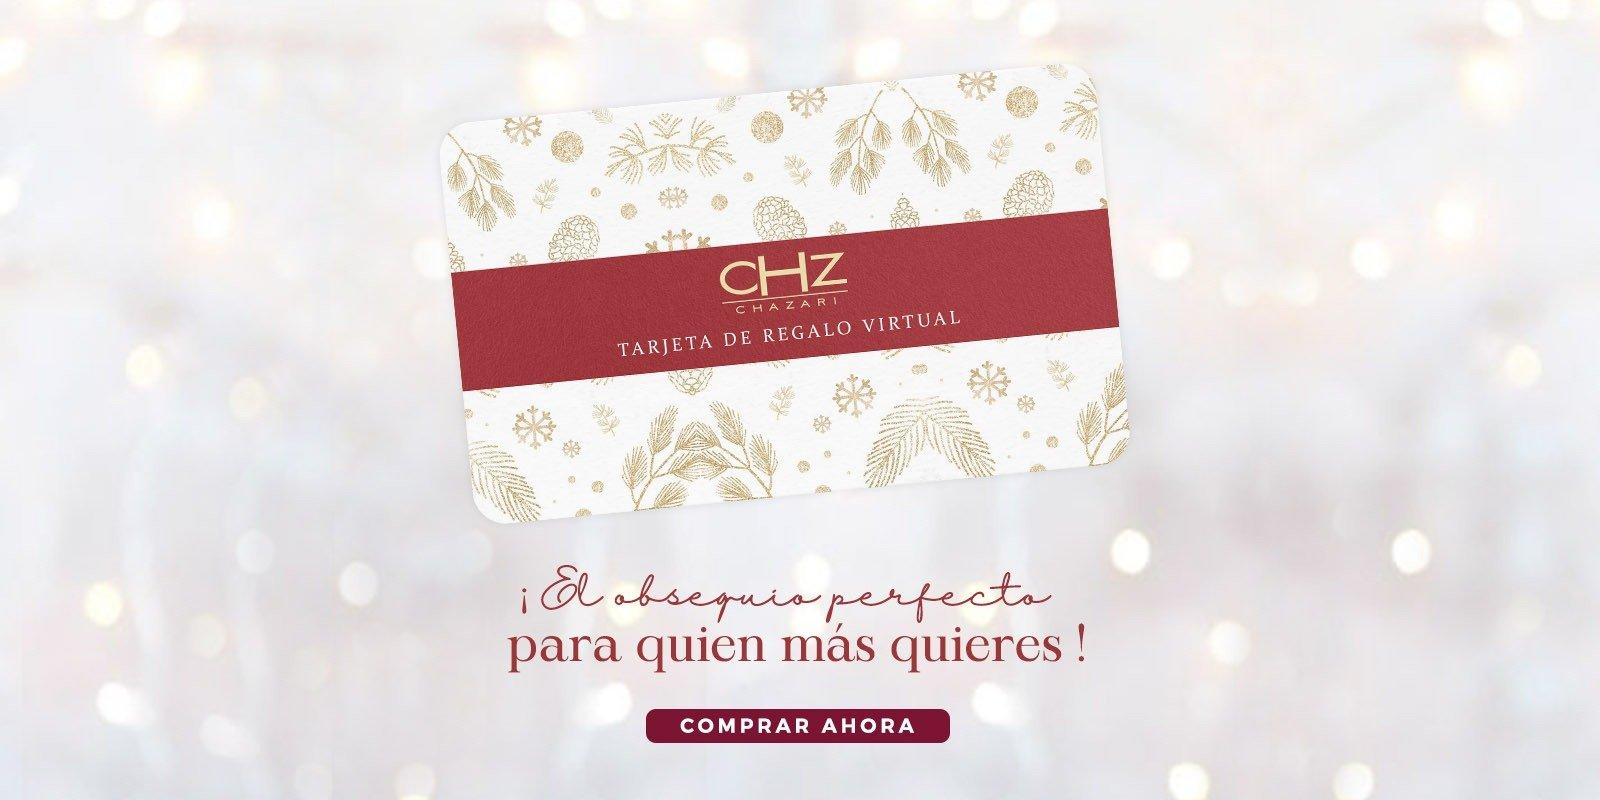 Chazari - Summer Sale 2020